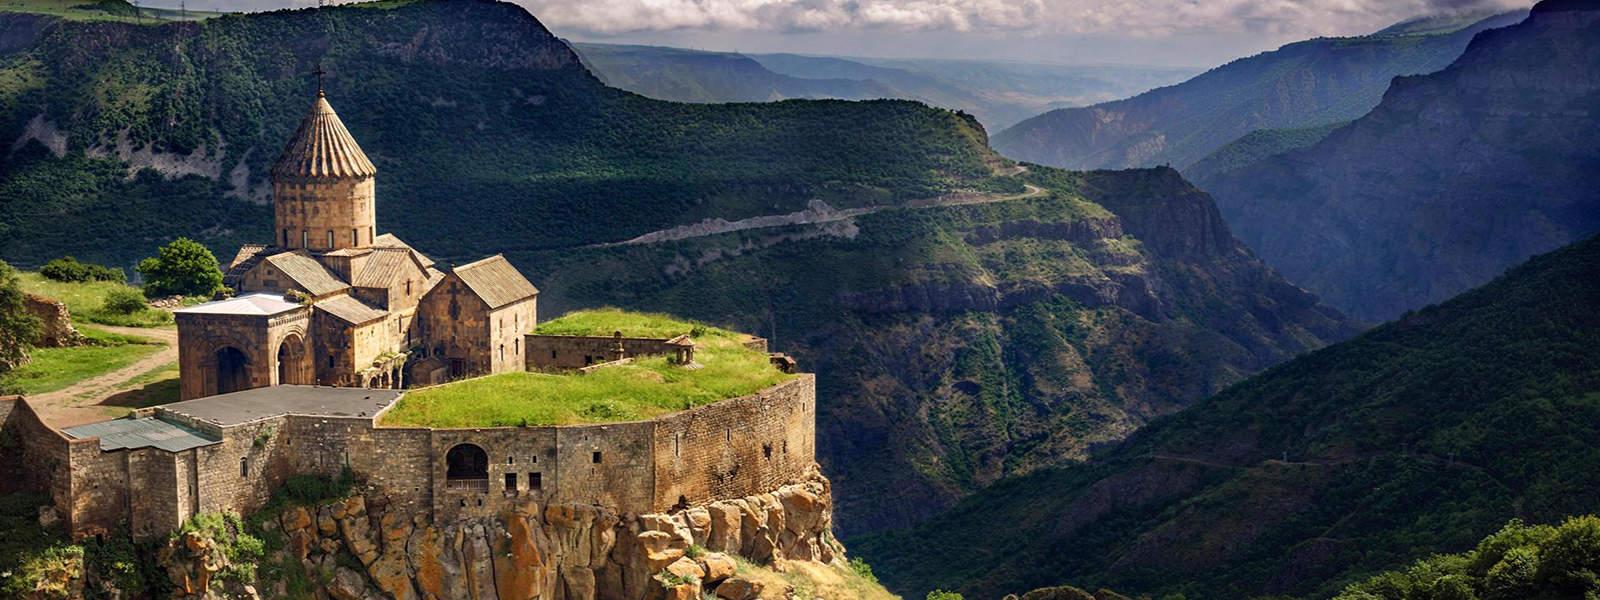 برنامج سياحي في أرمينيا لمدة 6 أيام